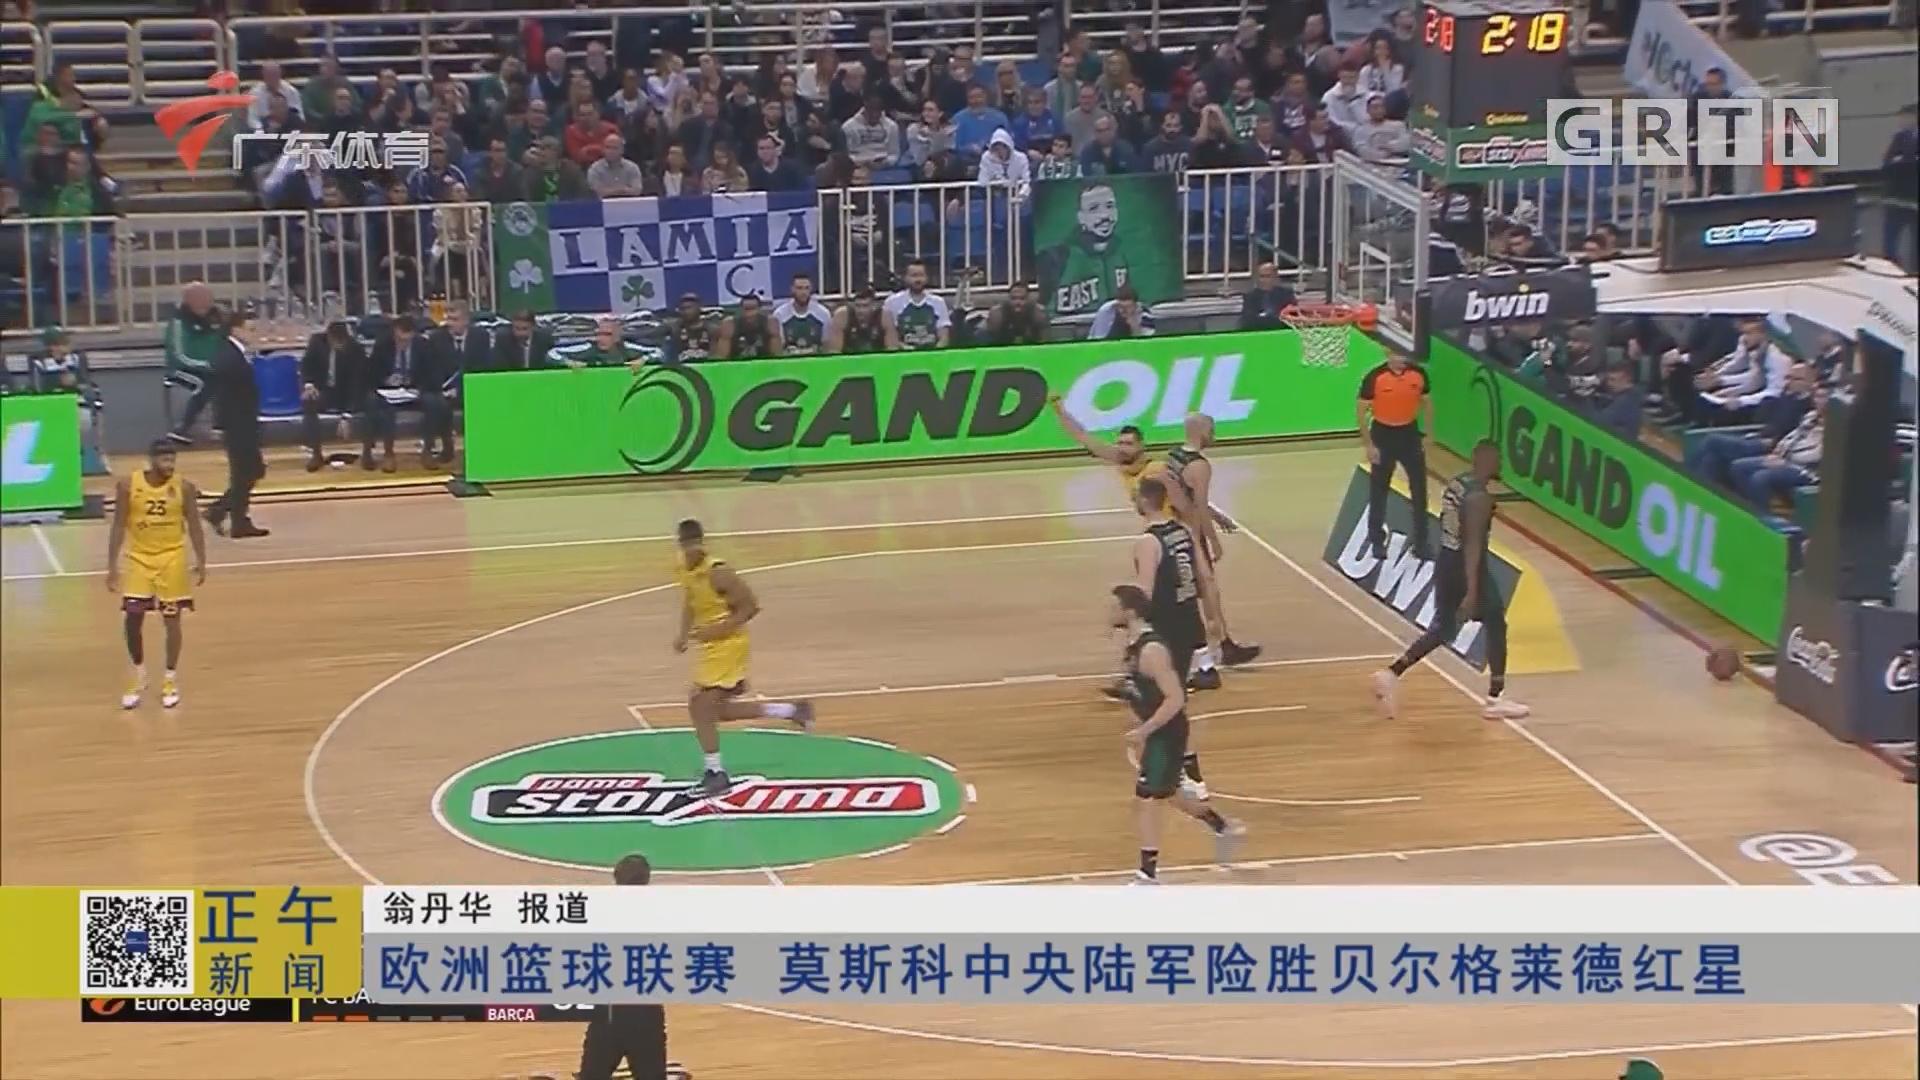 欧洲篮球联赛 莫斯科中央陆军险胜贝尔格莱德红星